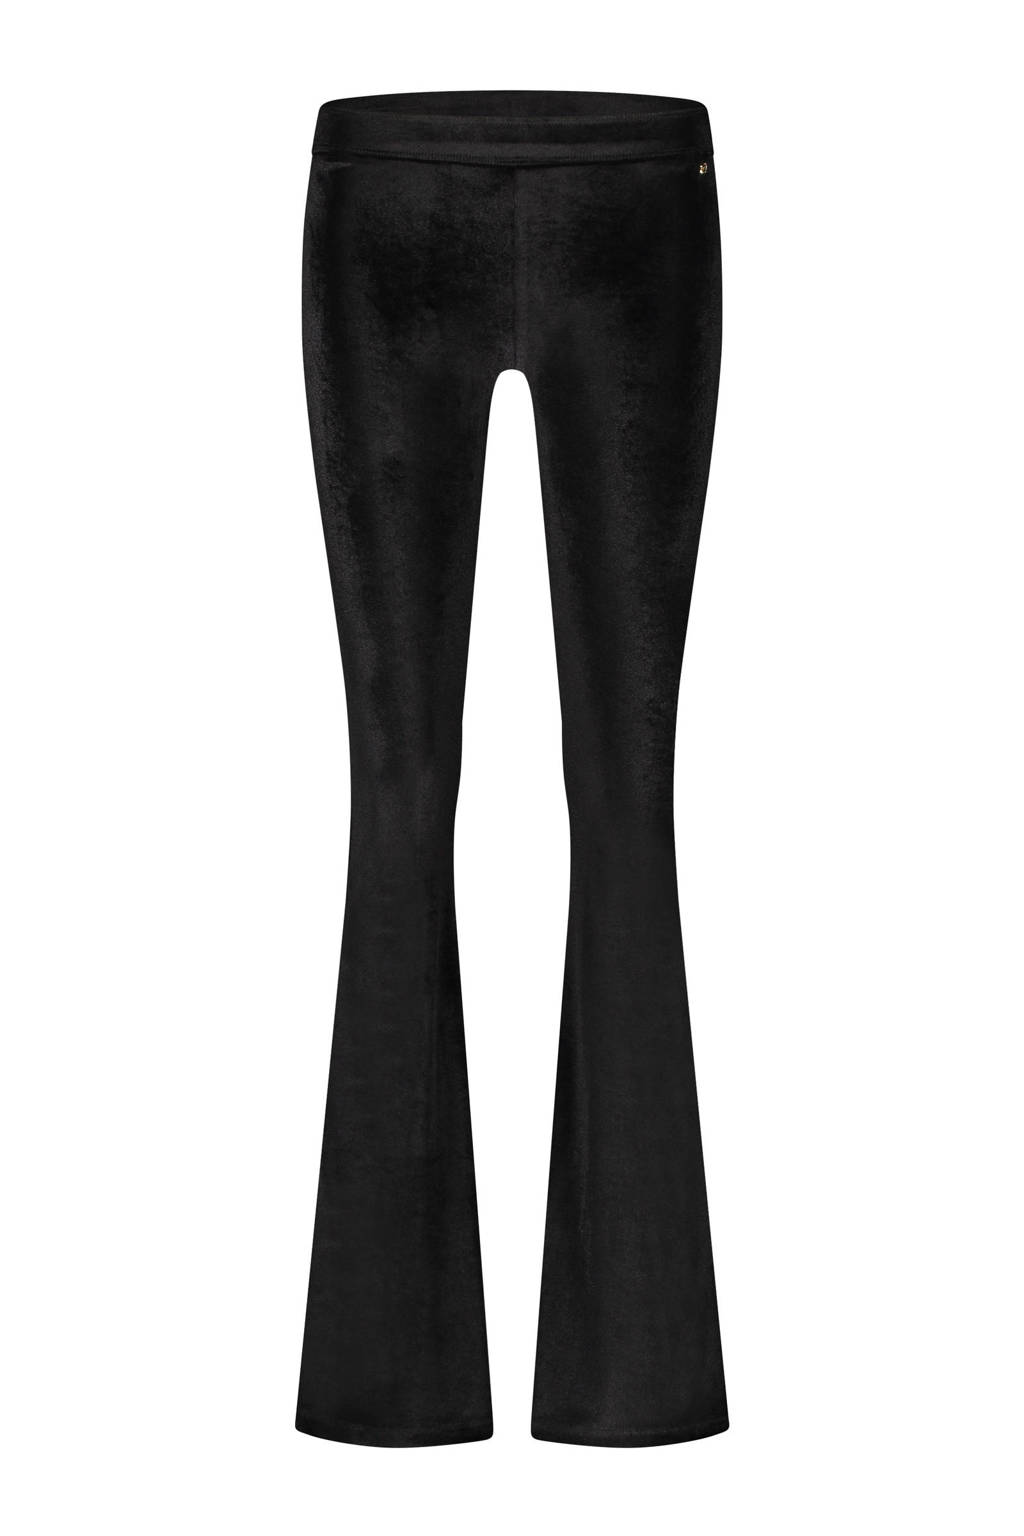 LaDress fluwelen legging Brooklyn zwart, Zwart